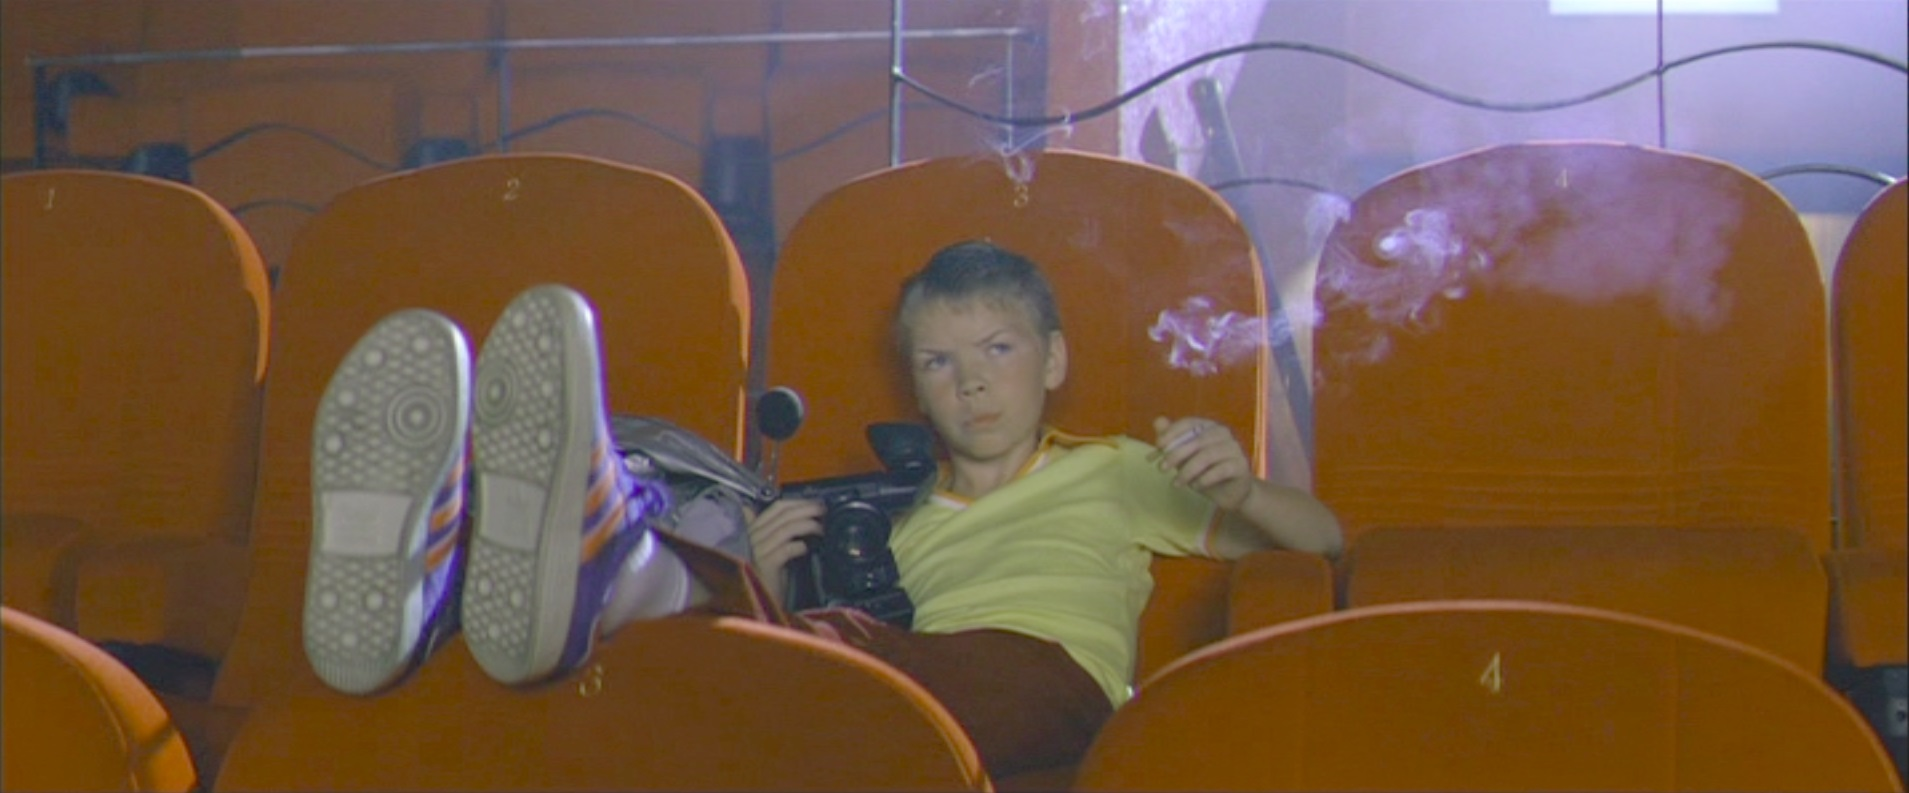 Son of Rambow film still 2